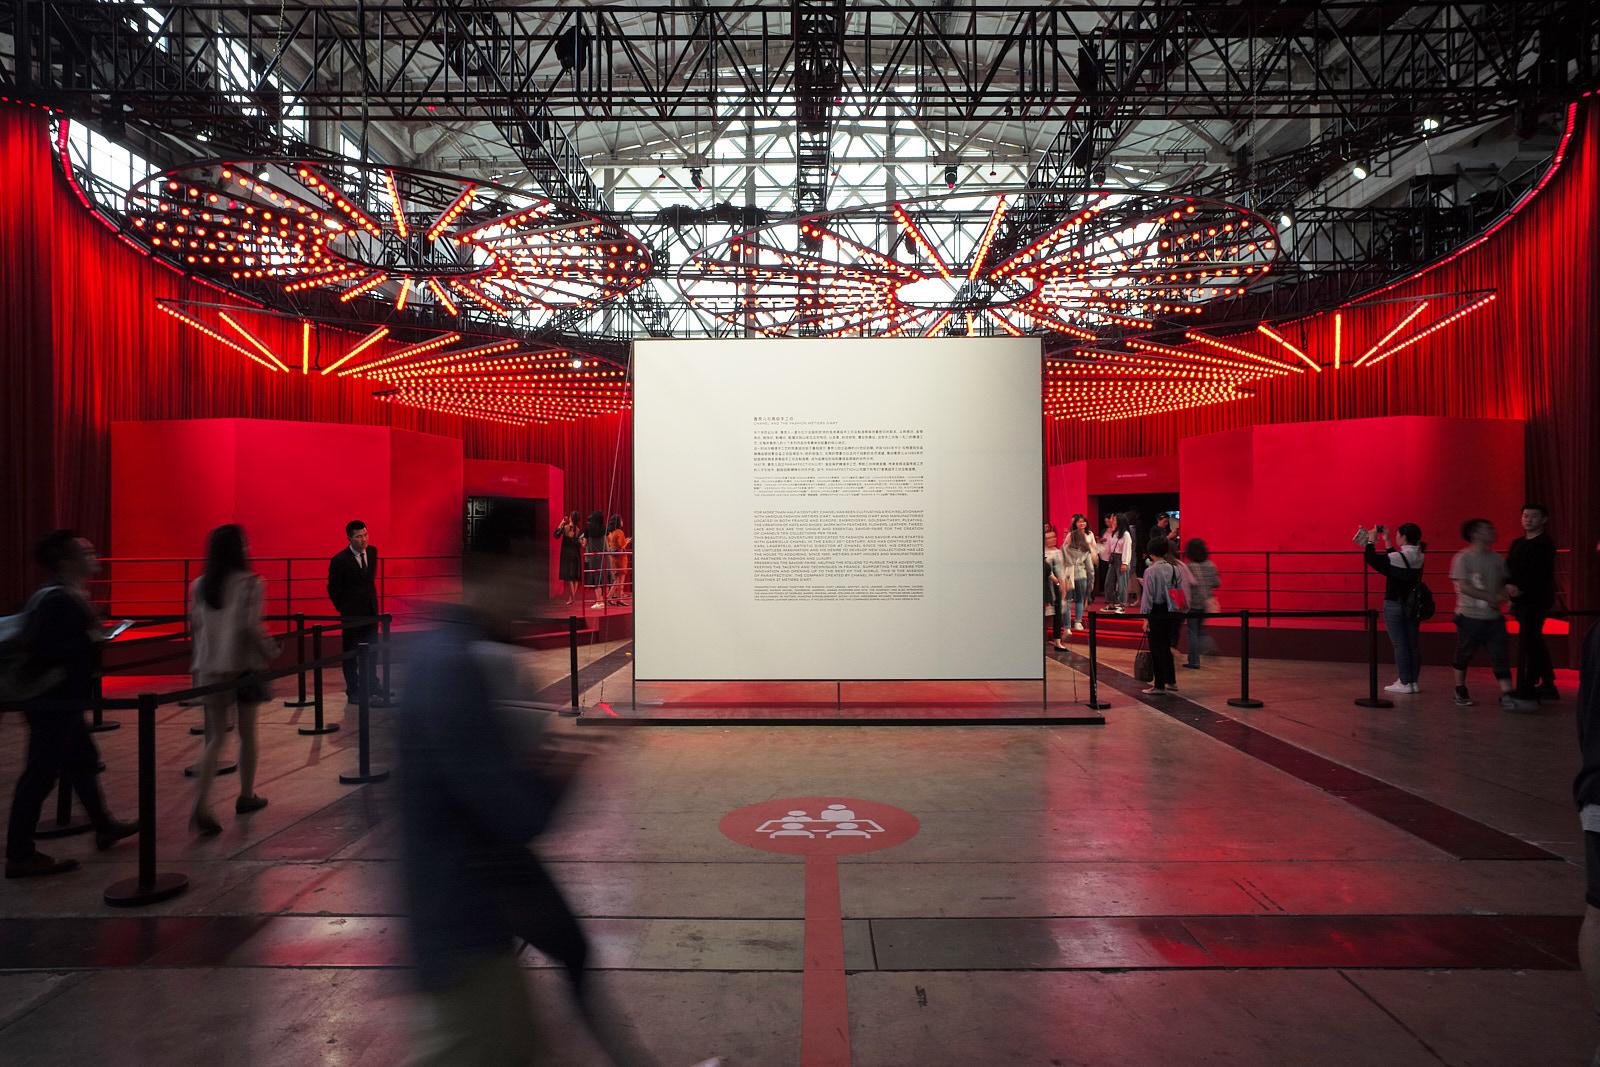 West Bund Art Center Shanghai